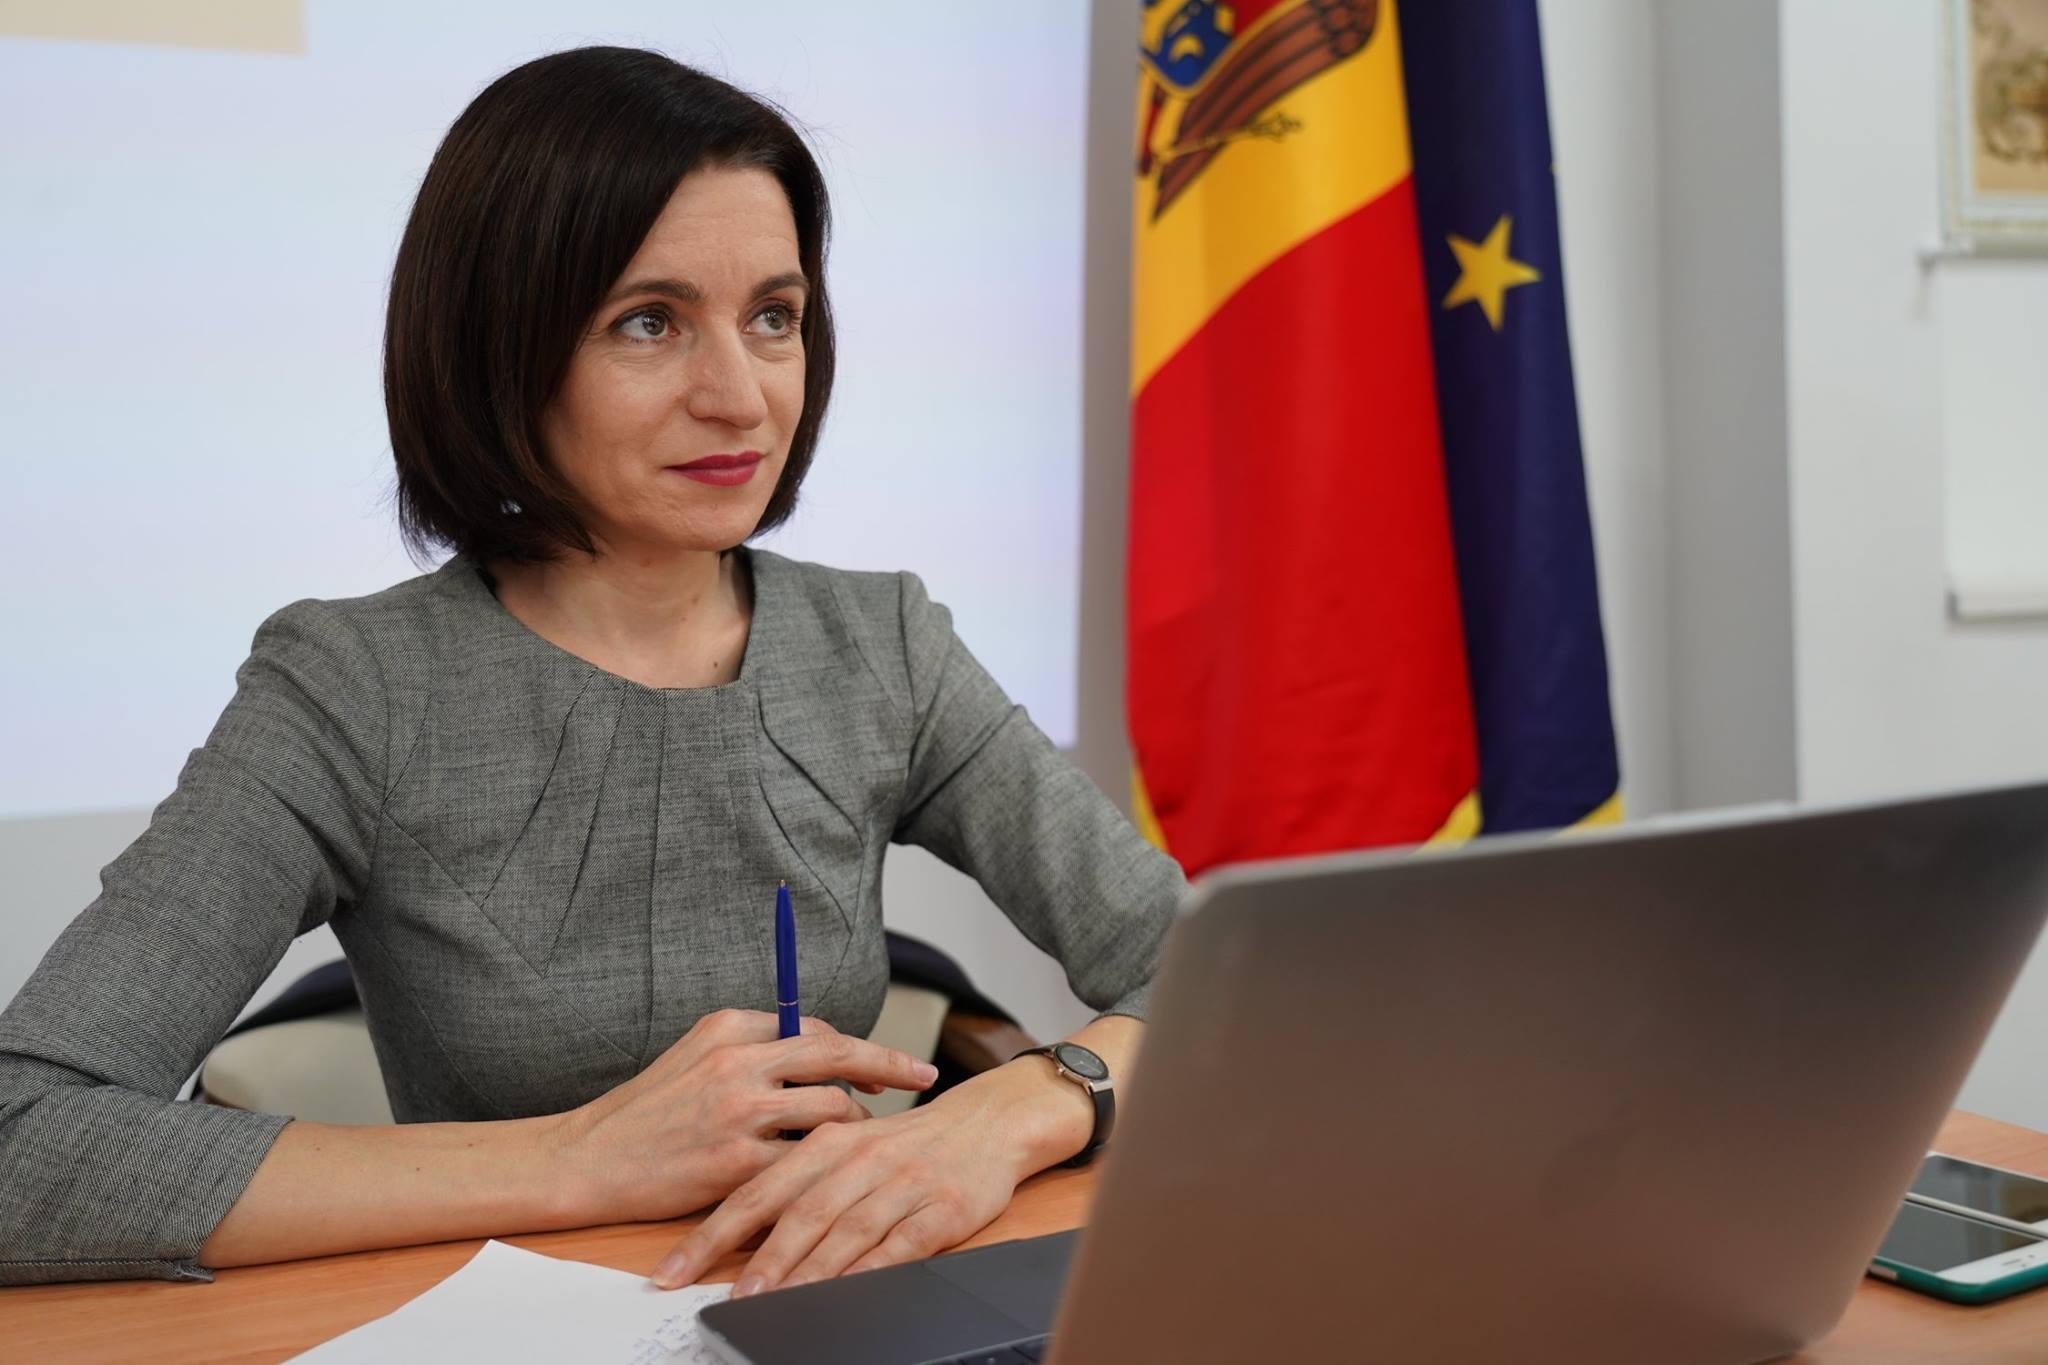 INTERVIU | Maia Sandu: R. Moldova are nevoie de un nou Guvern, format din oameni onești, integri și profesioniști